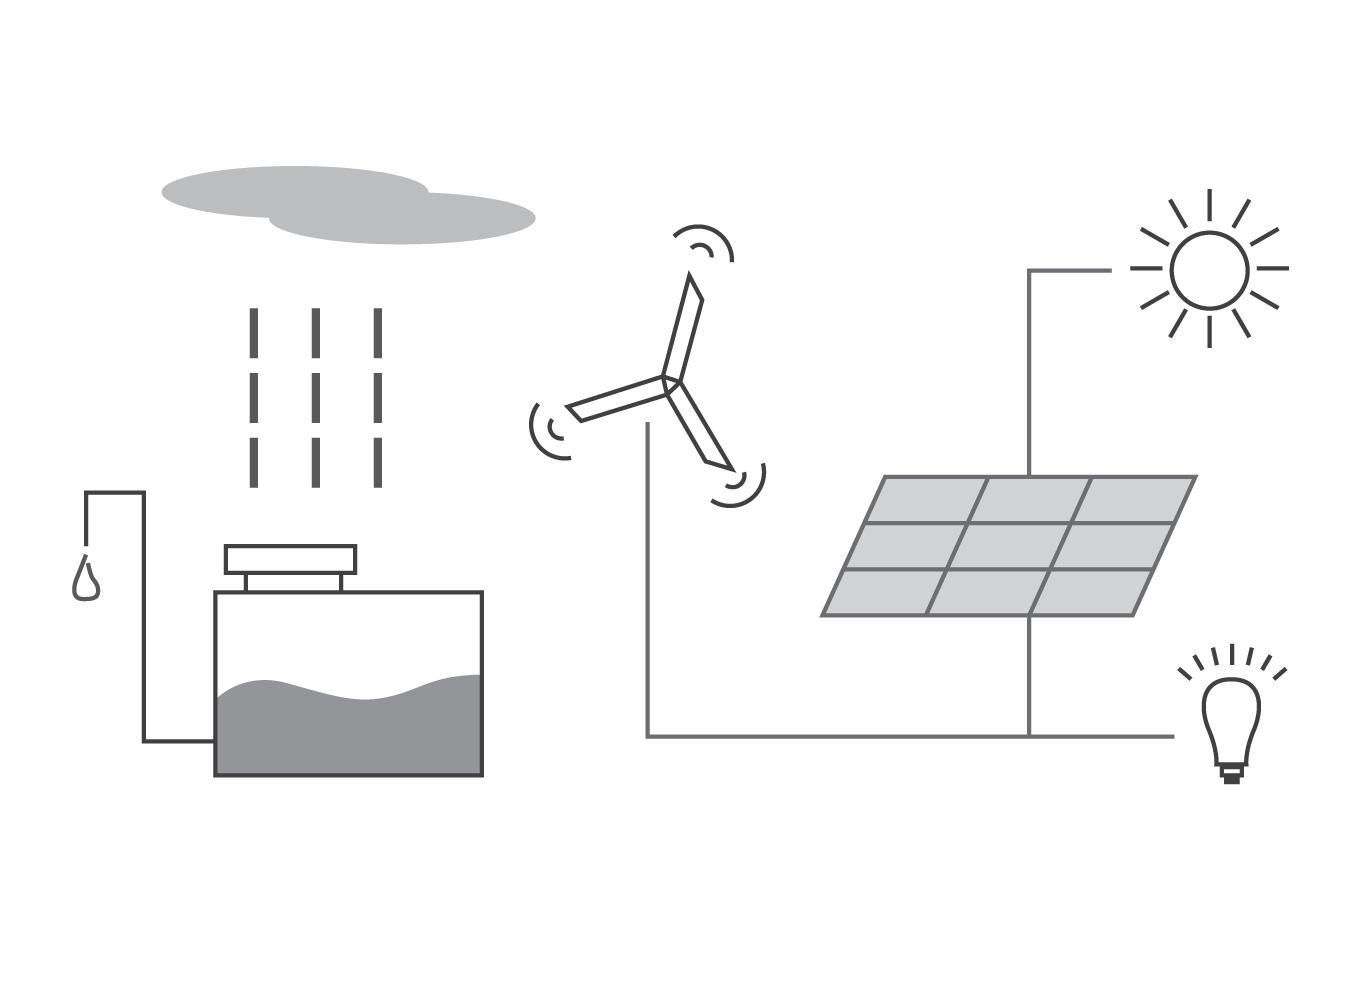 設備設計における災害時の対策(断水・停電)